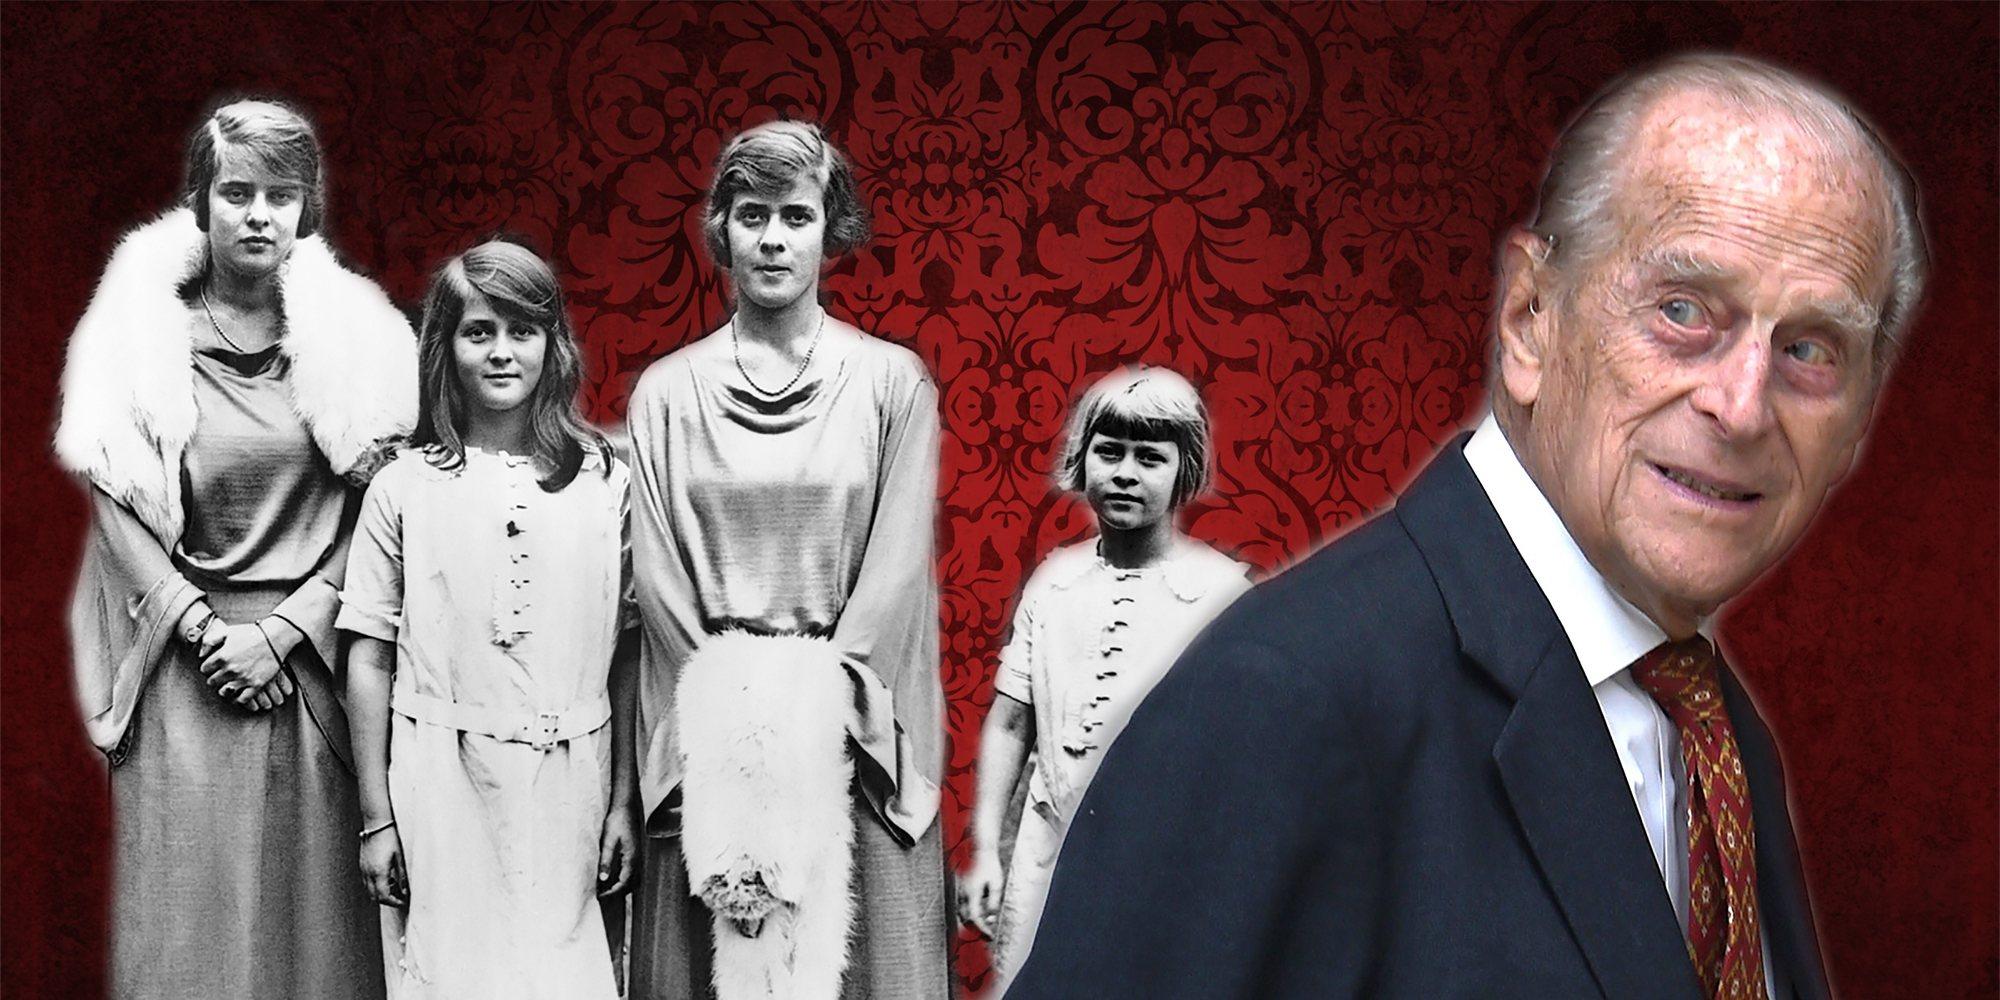 Las hermanas del Duque de Edimburgo: tragedias, accidentes y vínculos con el nazismo